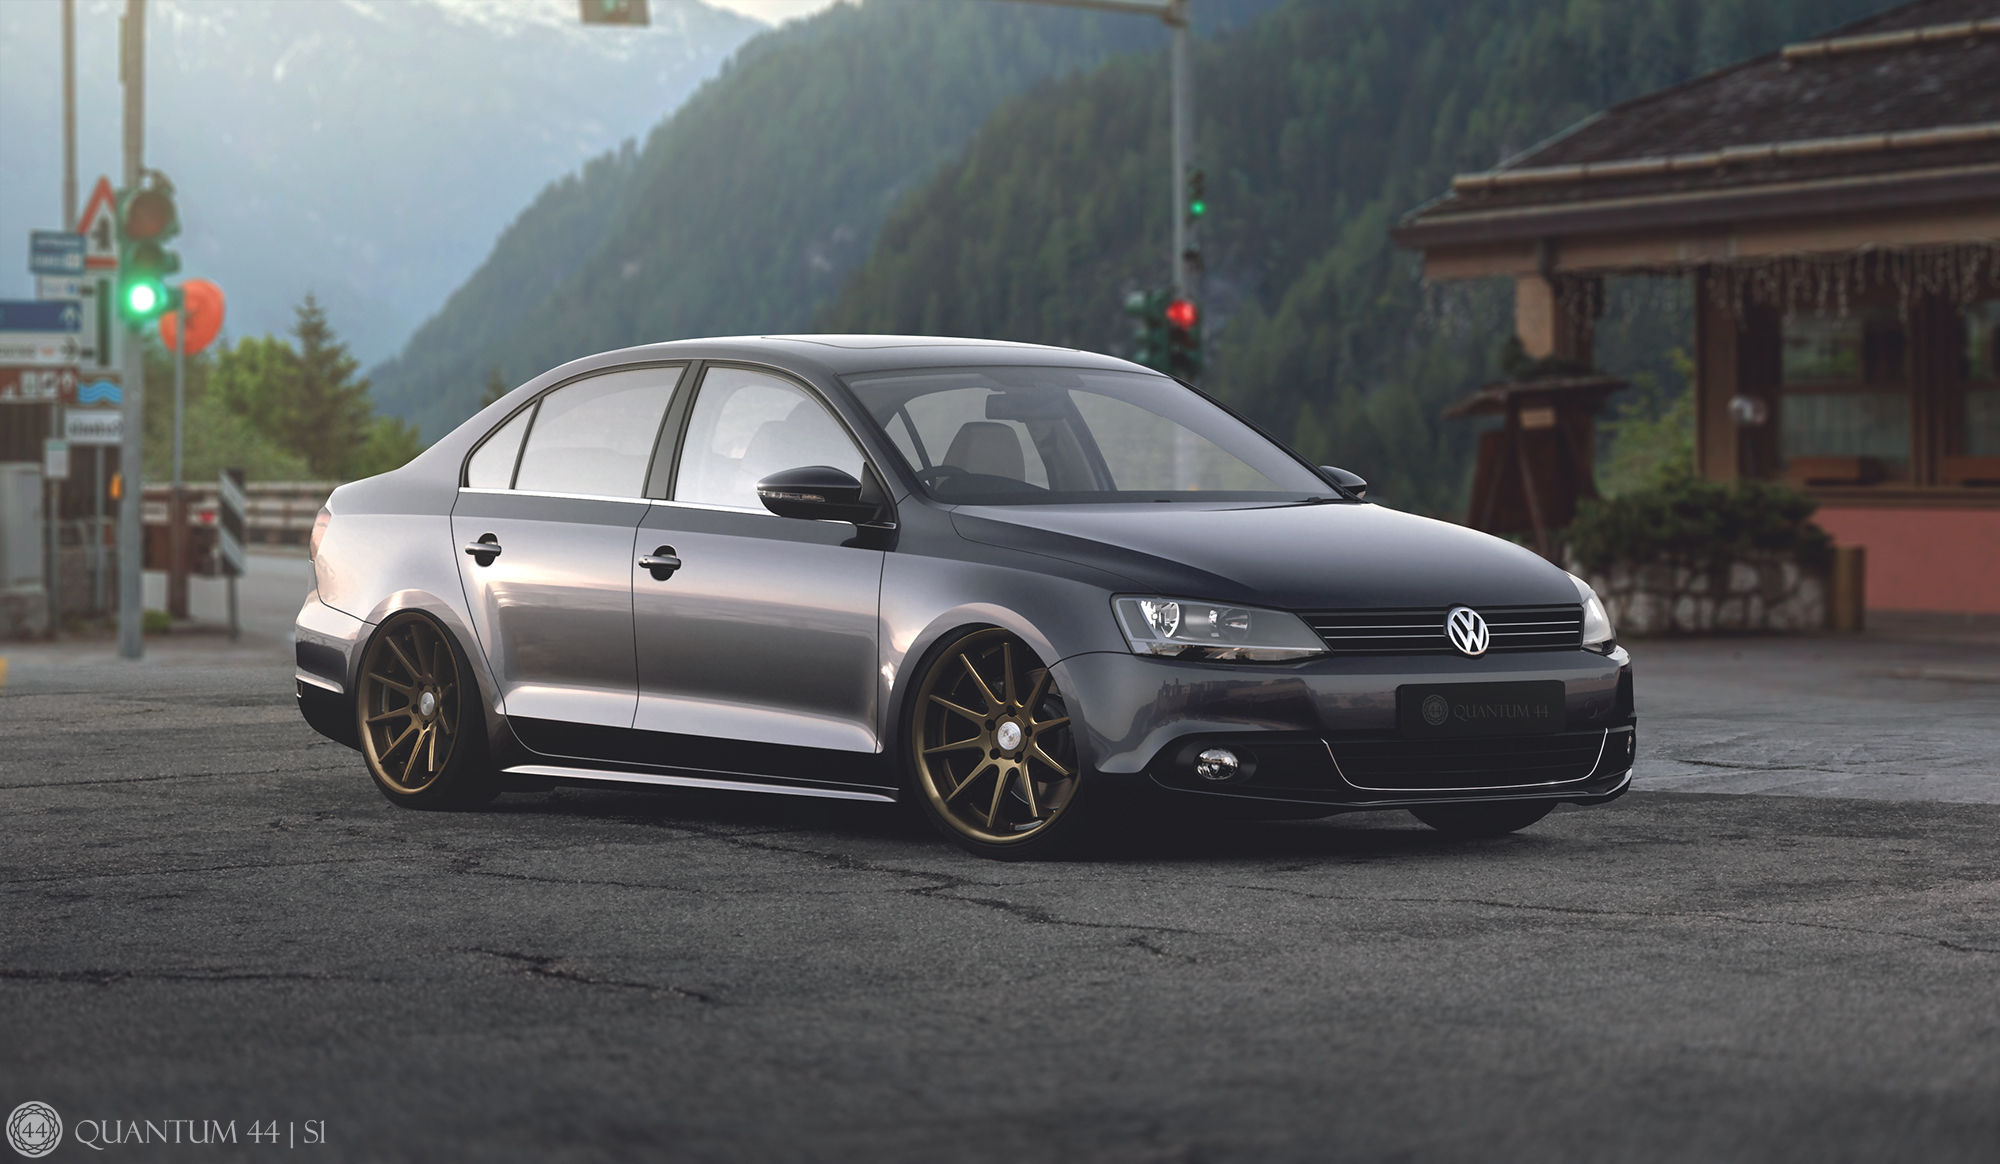 Volkswagen Jetta | Quantum44 S1 - Volkswagen Jetta